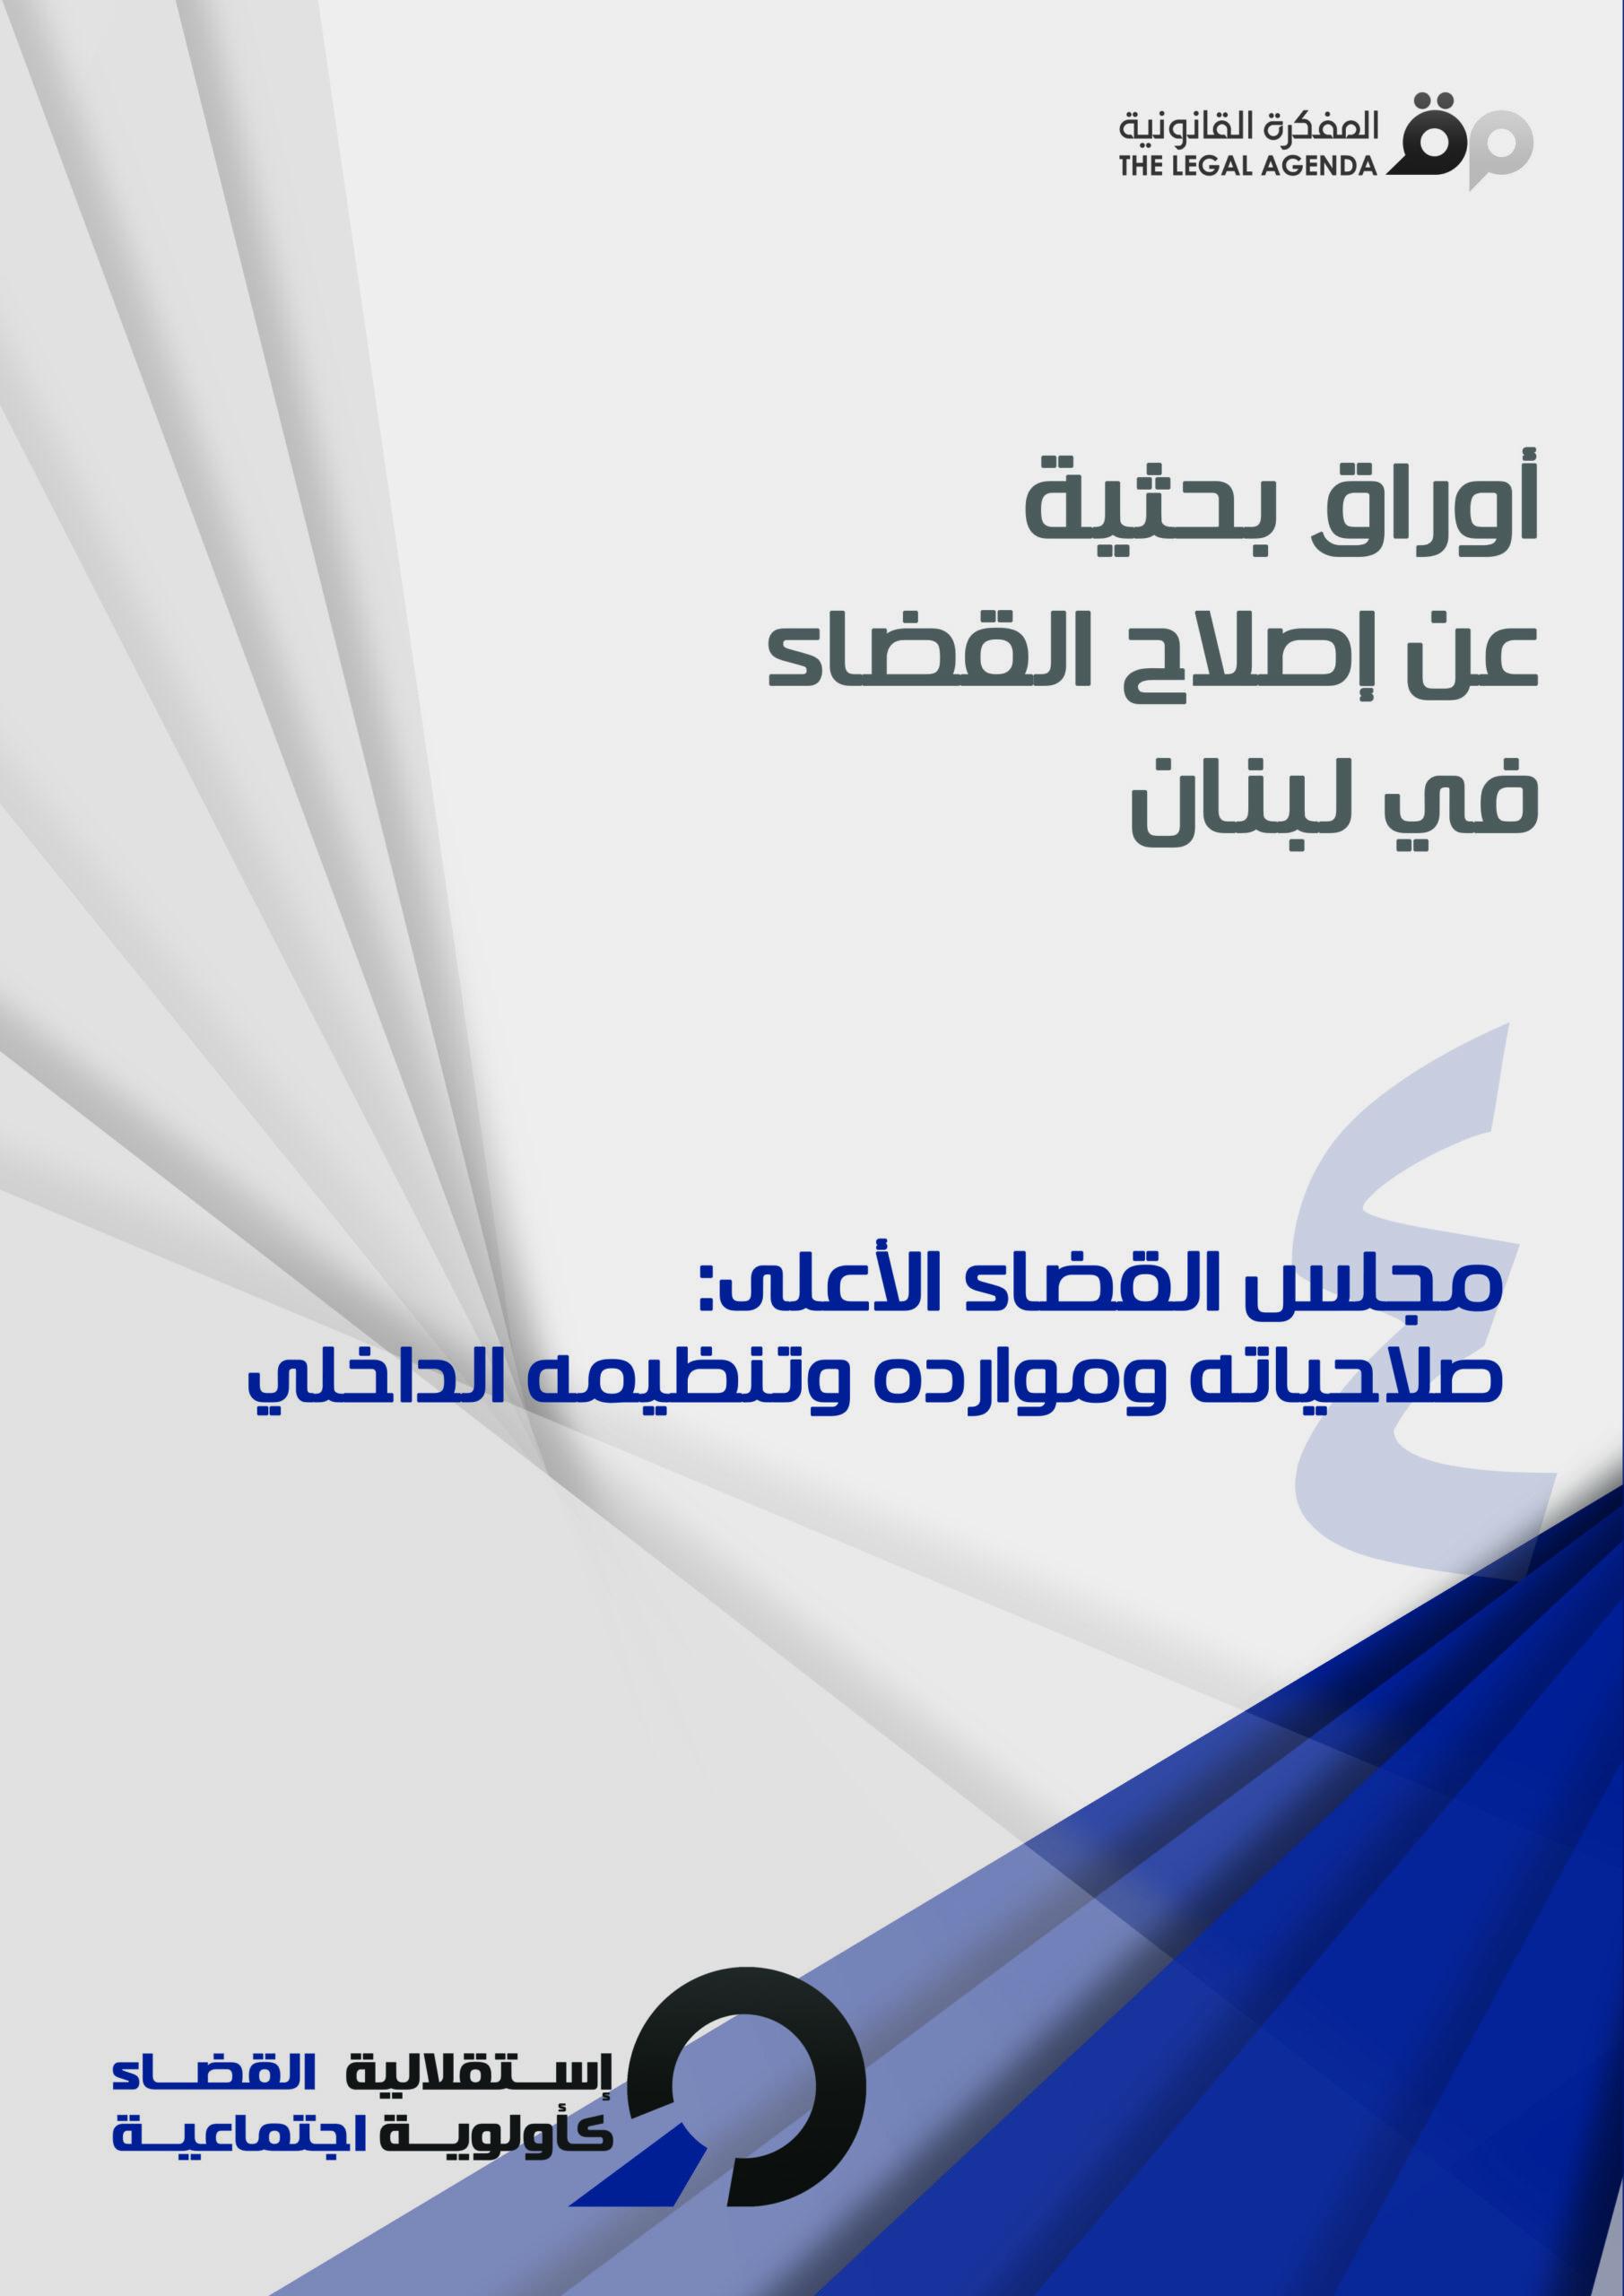 المفكرة تنشر ورقتها البحثية ال 4 حول إصلاح القضاء في لبنان: مجلس القضاء الأعلى، صلاحياته وموارده وتنظيمه الداخلي